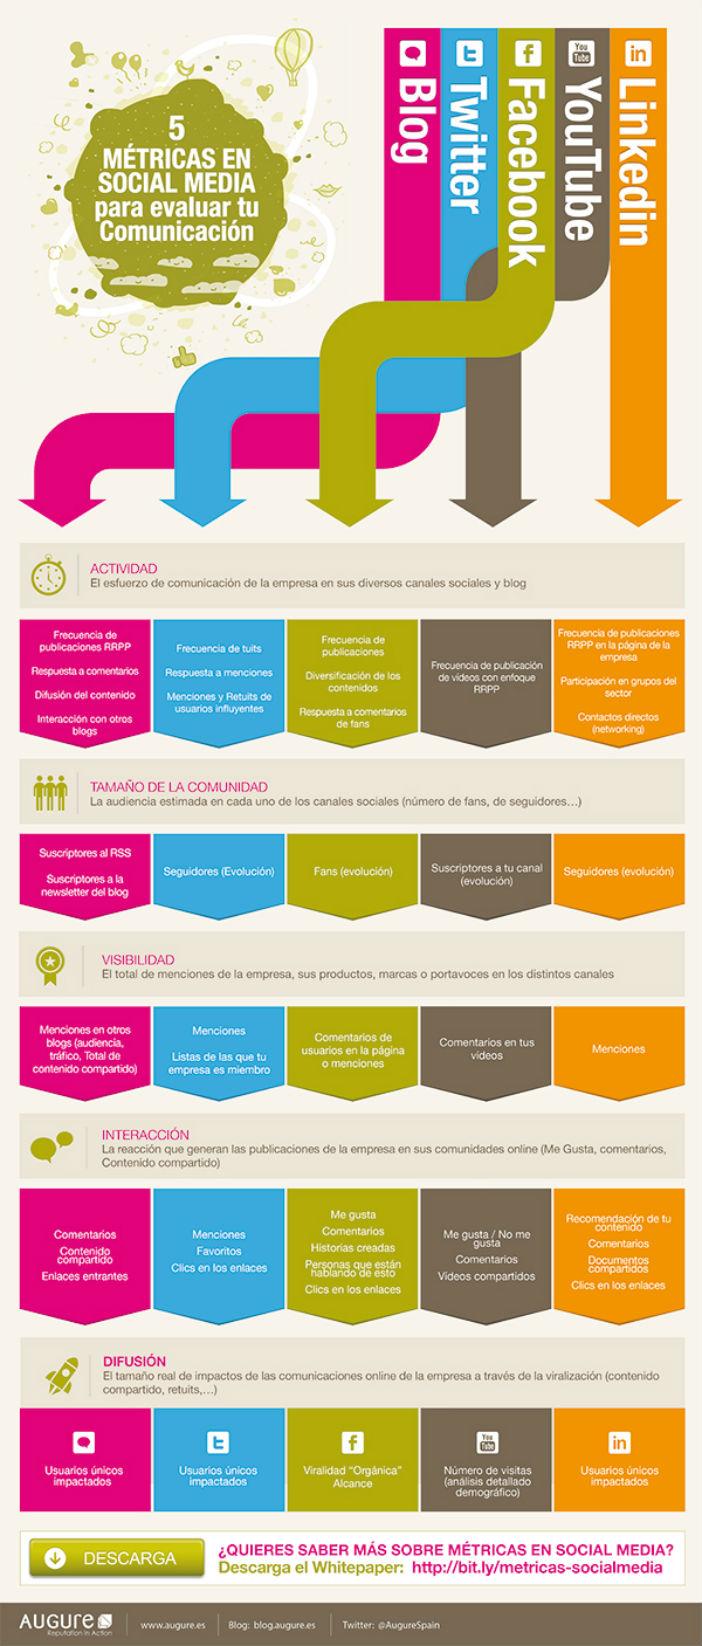 Cinco métricas en Social Media para evaluar tu comunicación